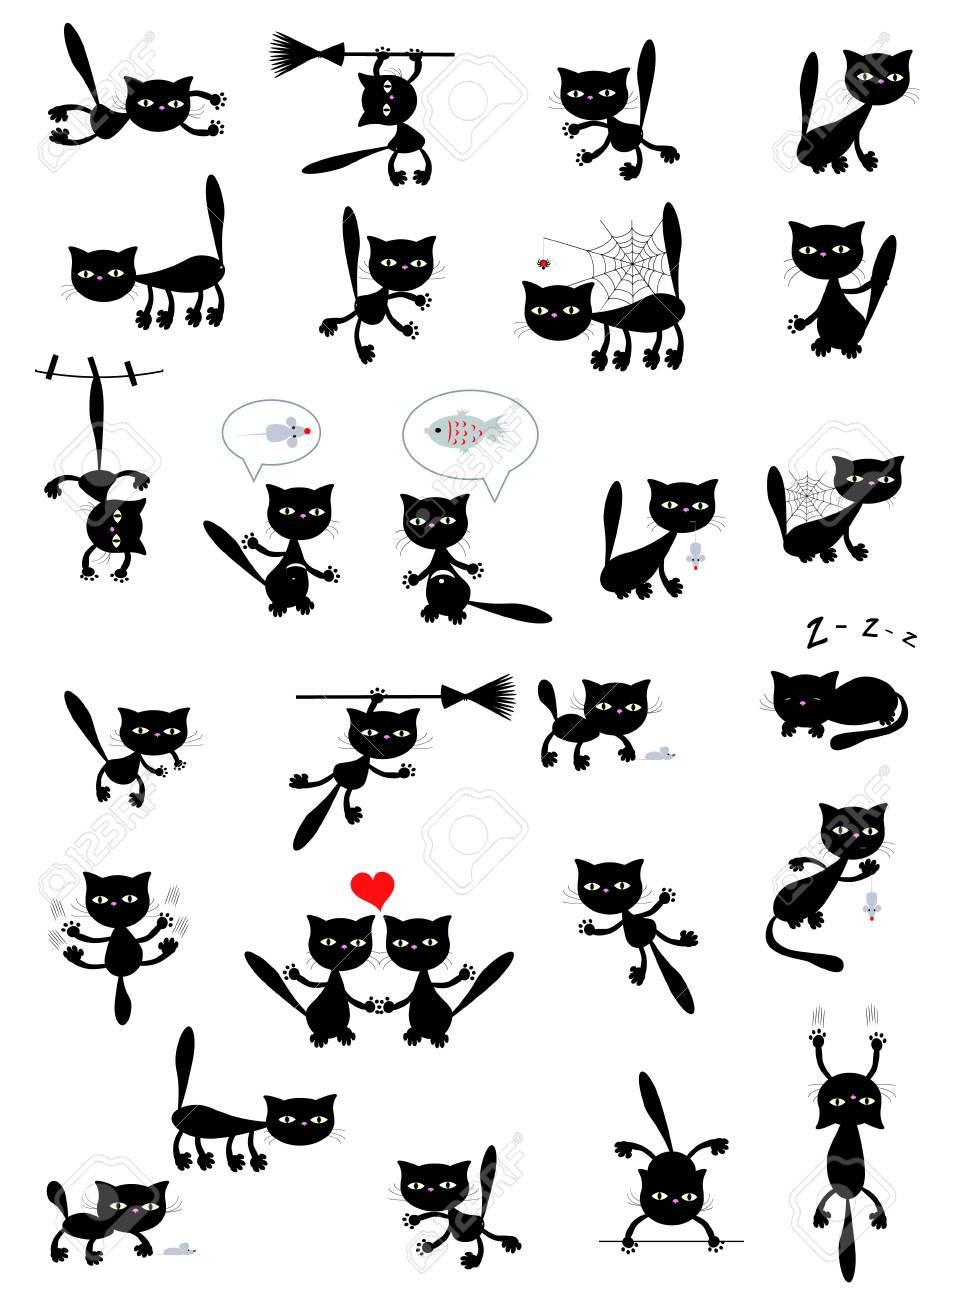 Big set of the black cats. Stock Vector - 10115613